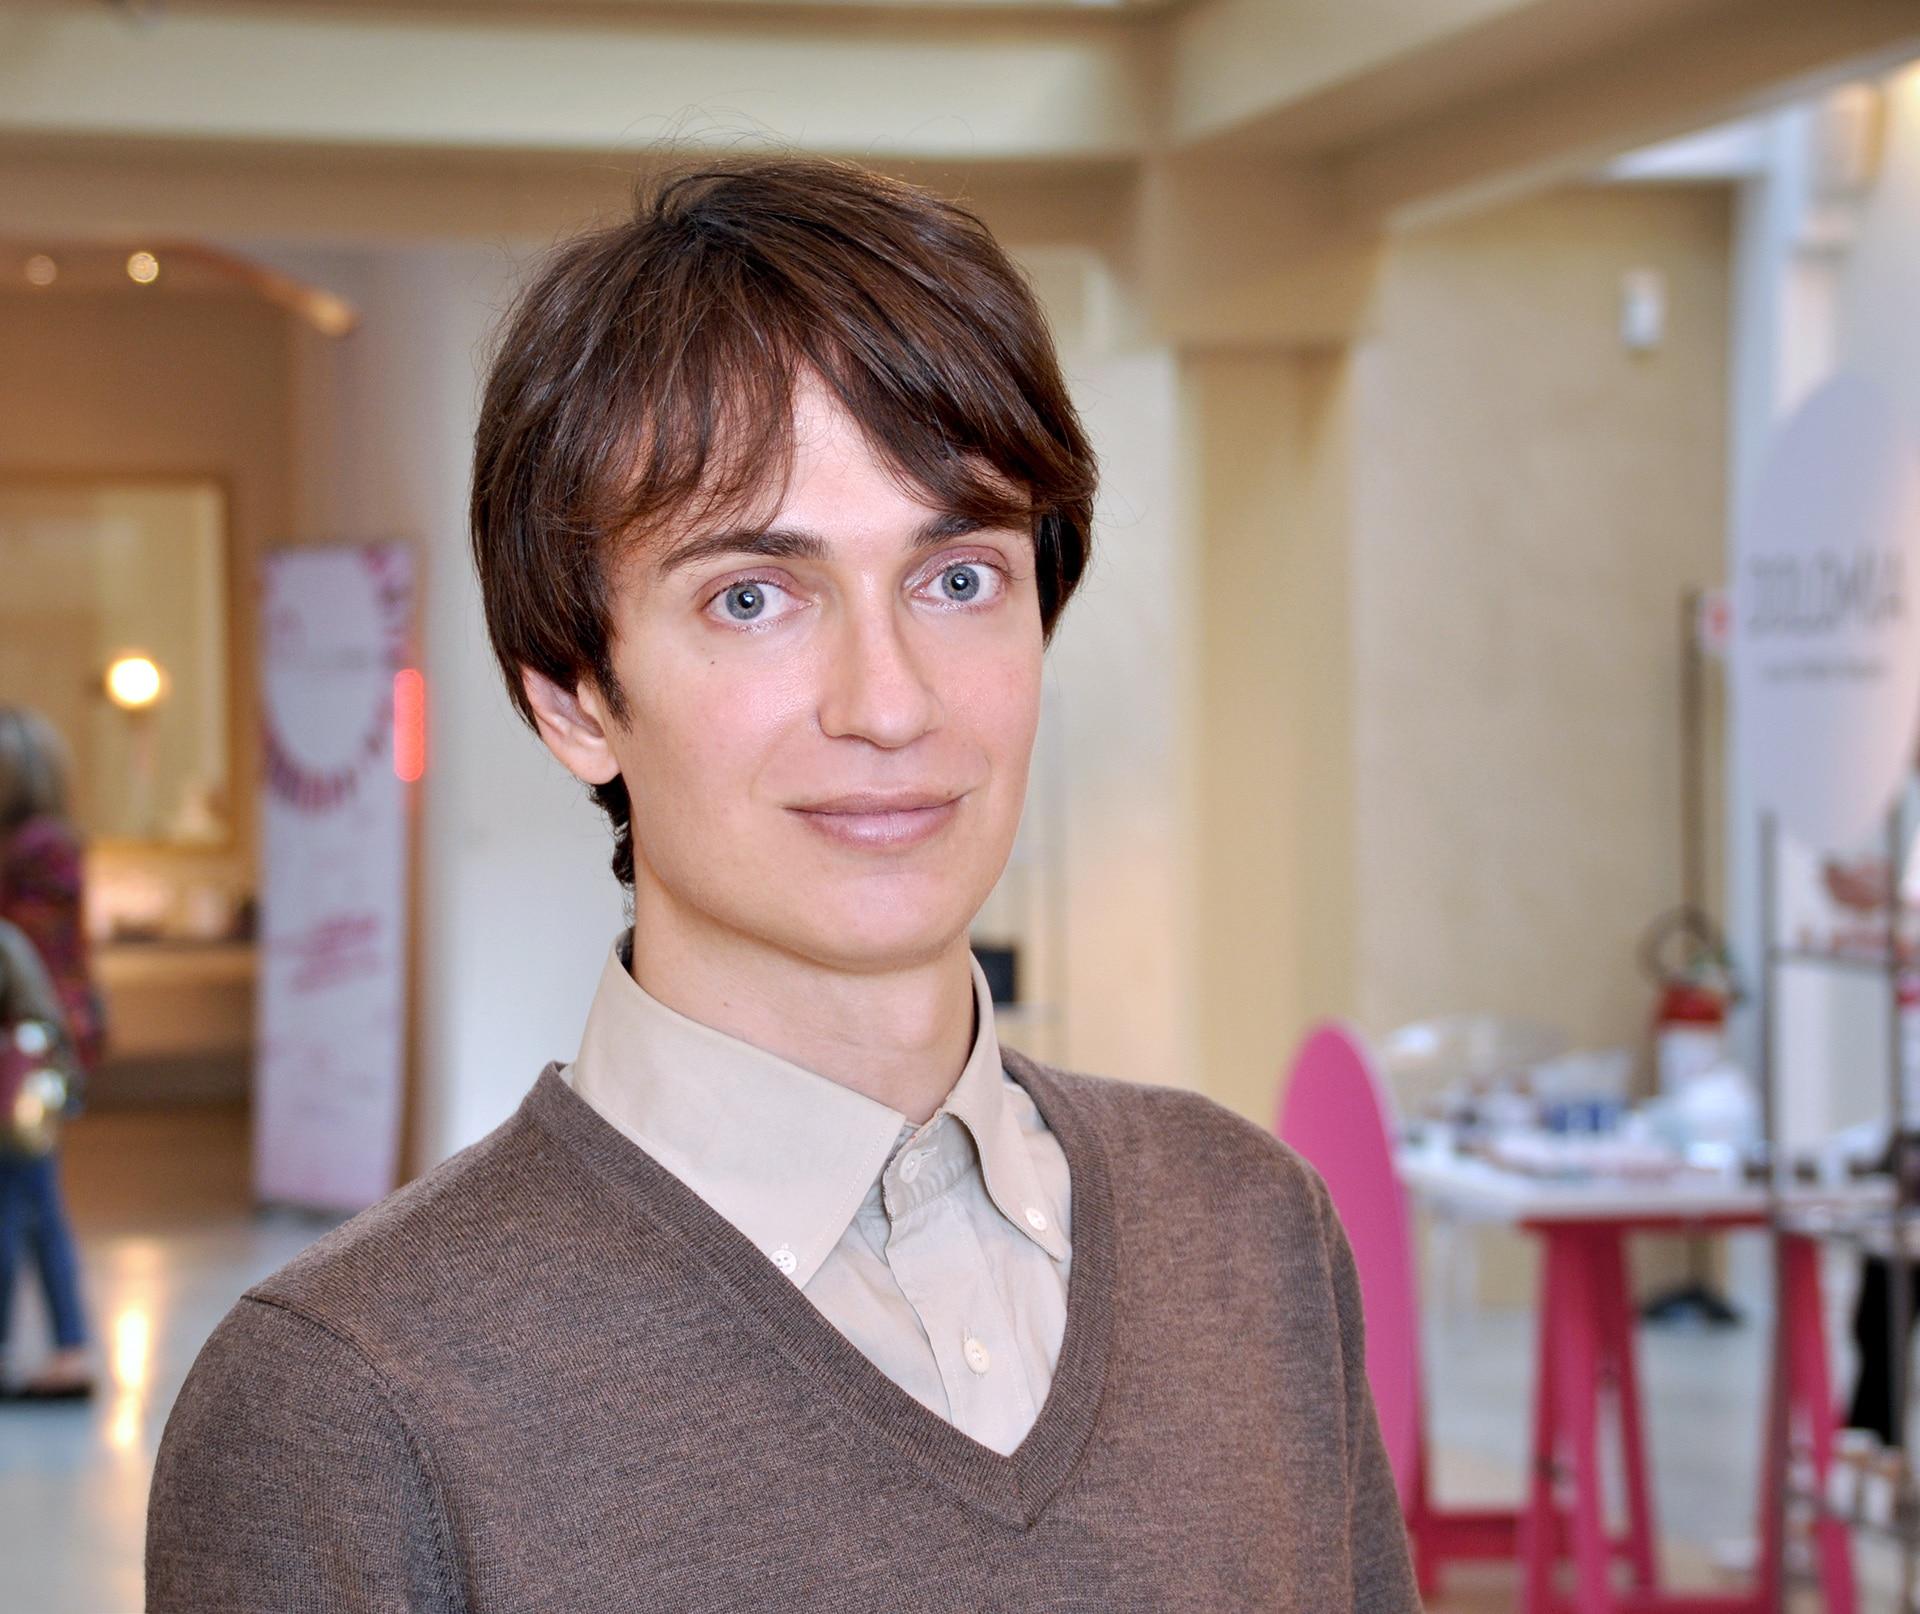 Raffaele Pianese - Beauty, food & lifestyle editor presso About Beauty Magazine